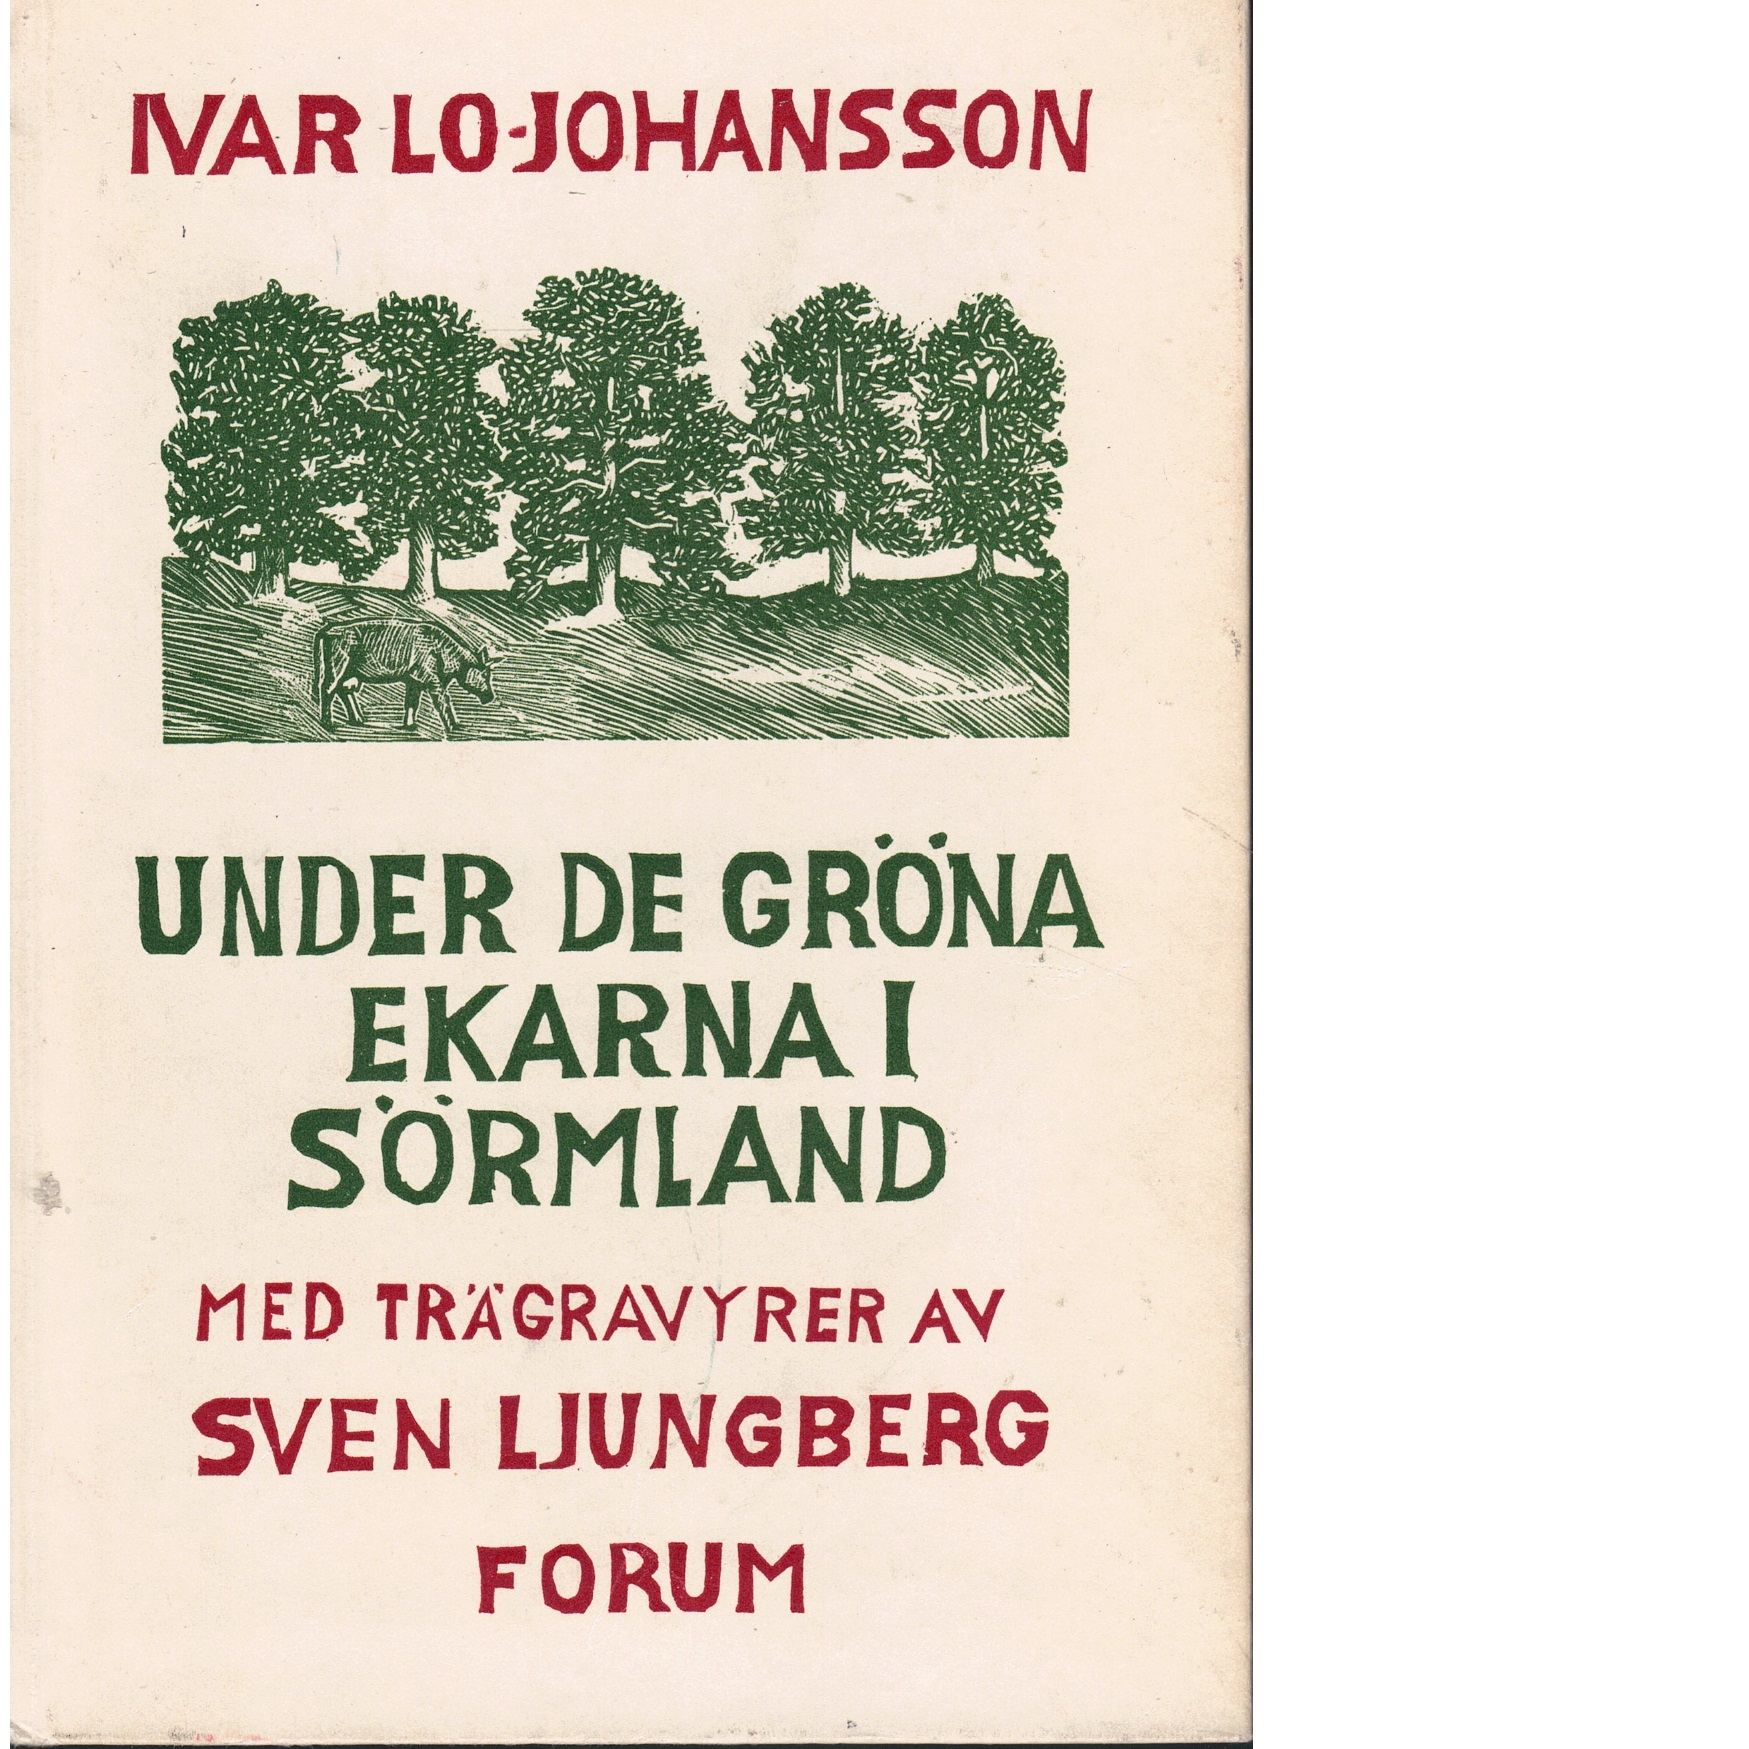 Under de gröna ekarna i Sörmland : berättelser från ett landskap - Lo-Johansson, Ivar